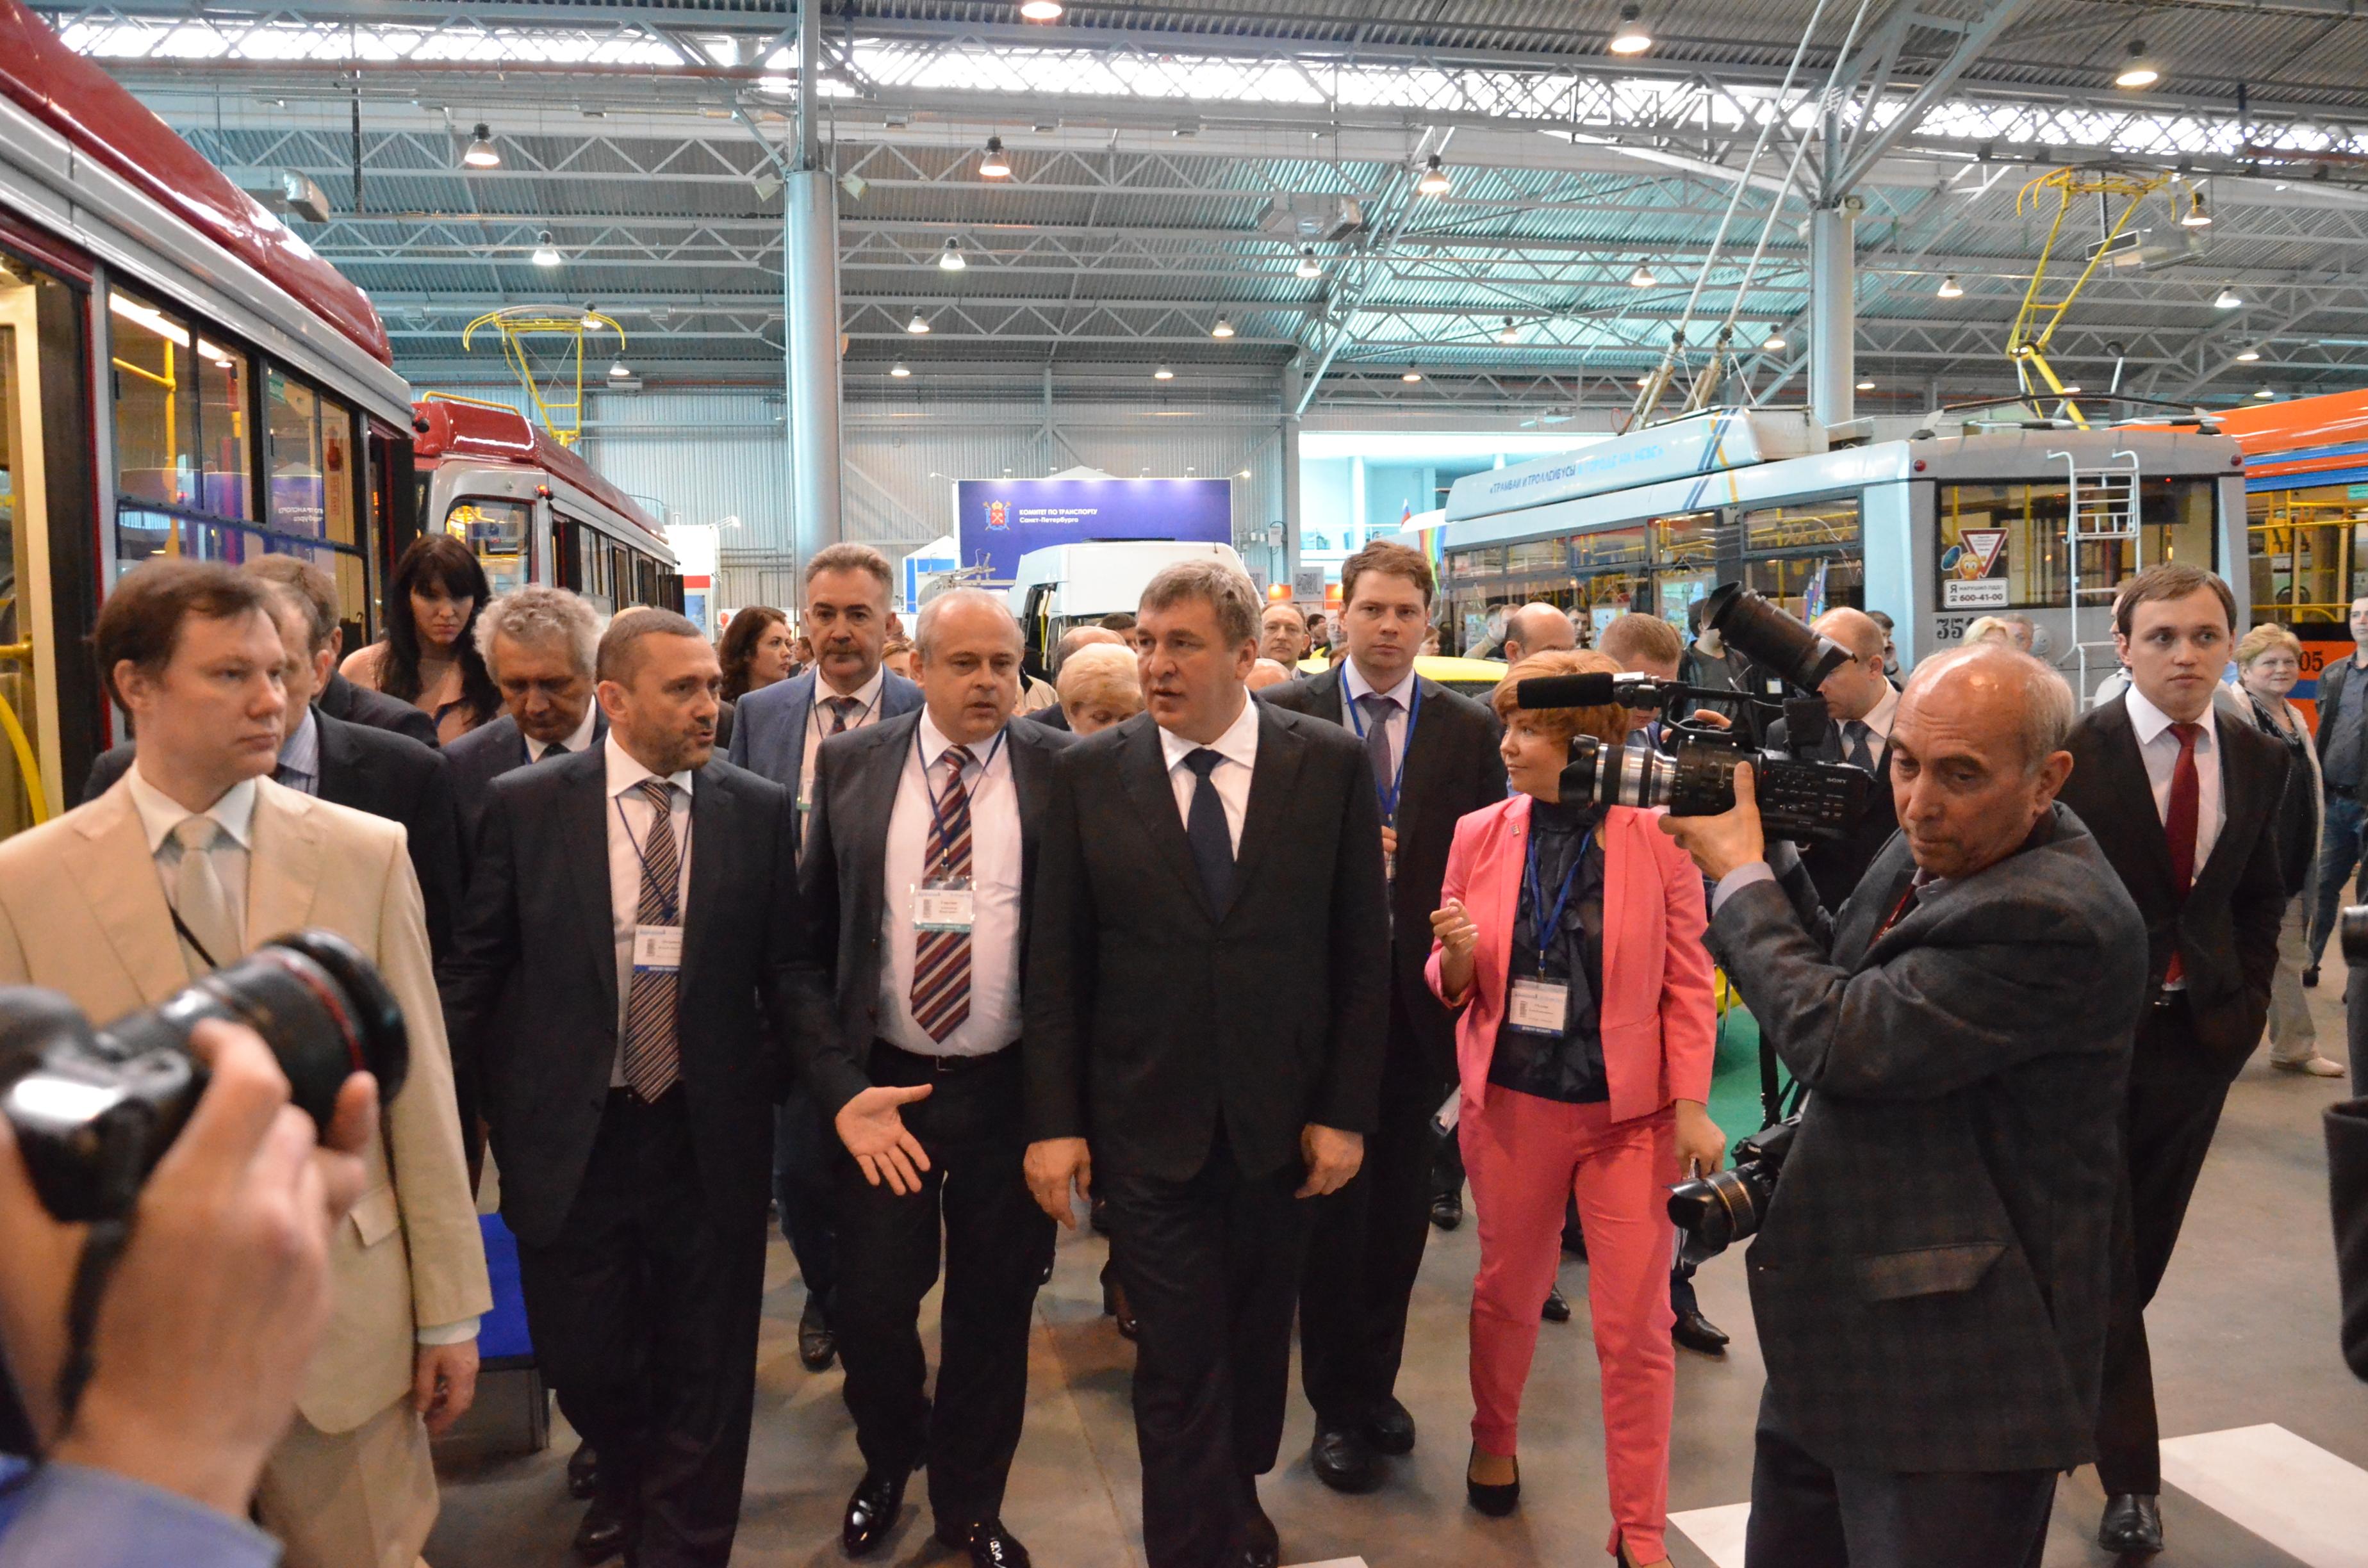 Международный инновационнй форум пассажирского транспорта в СПБ